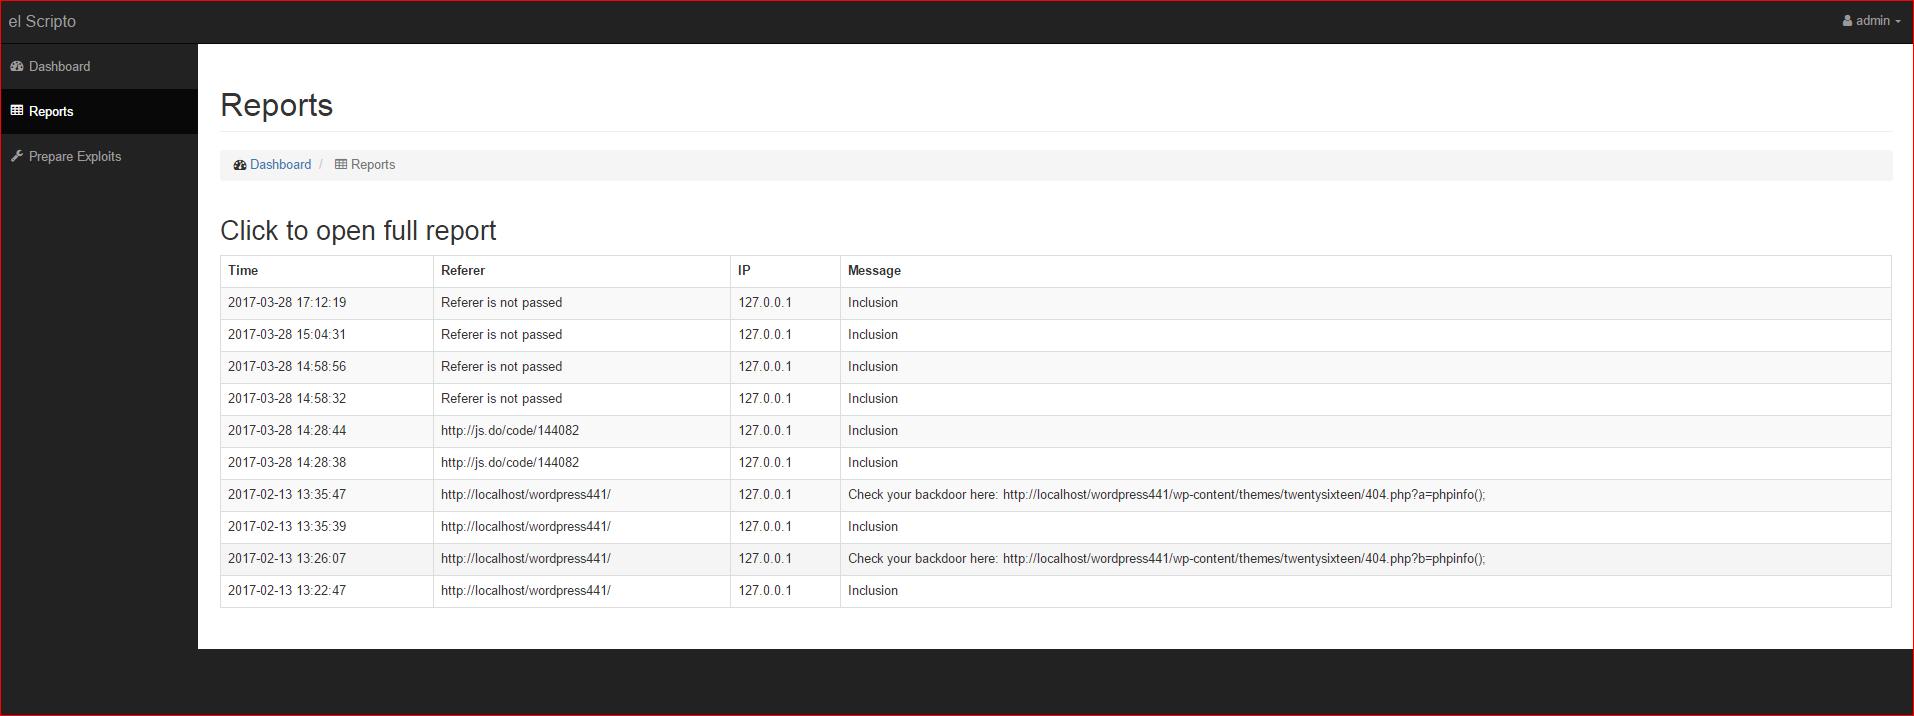 Страница со списком отчетов